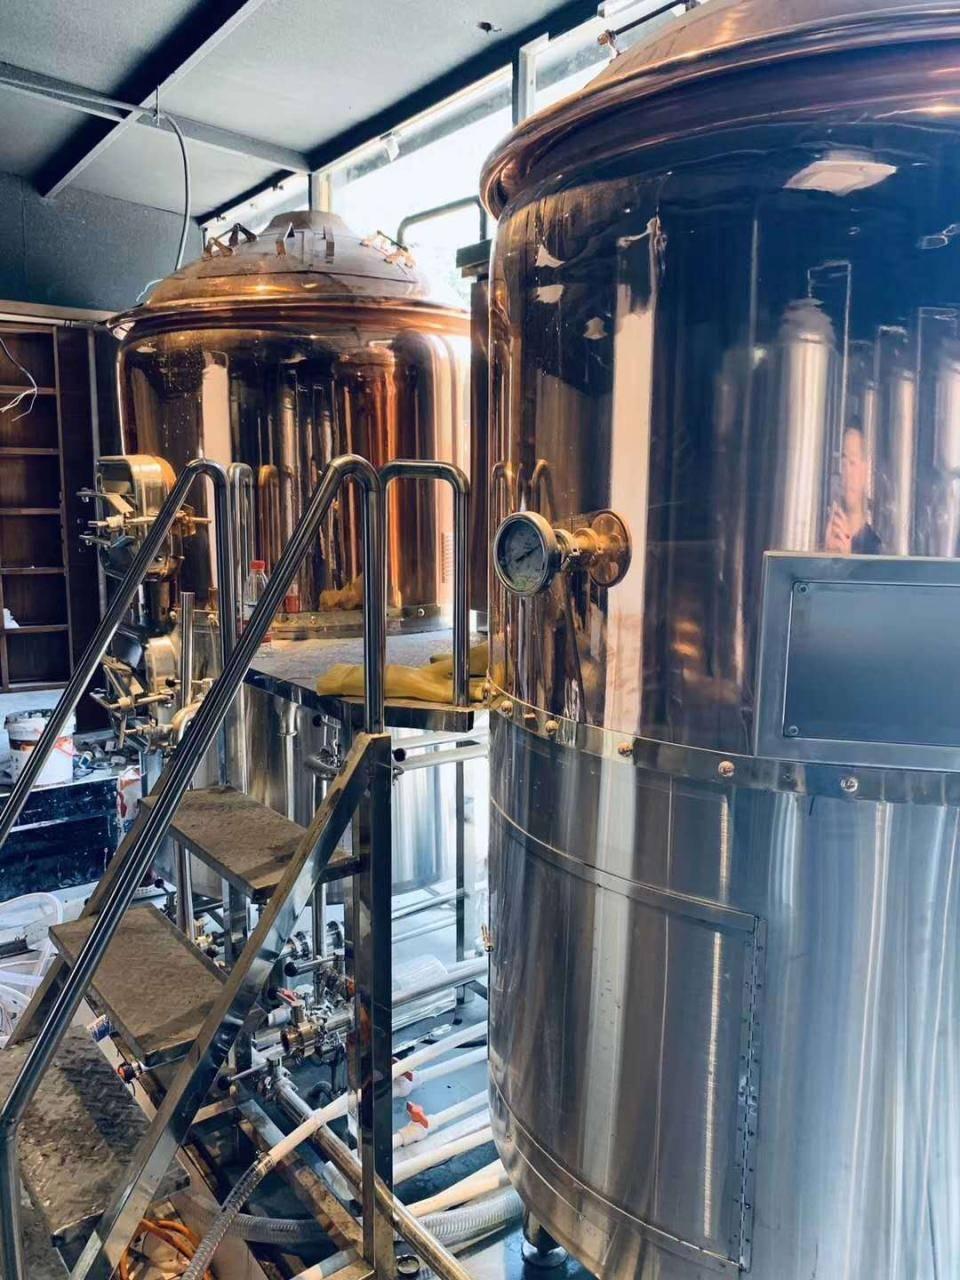 成都精酿啤酒设备厂家-一套精酿啤酒设备多少钱?-大麦丫-精酿啤酒连锁超市,工厂店平价酒吧免费加盟